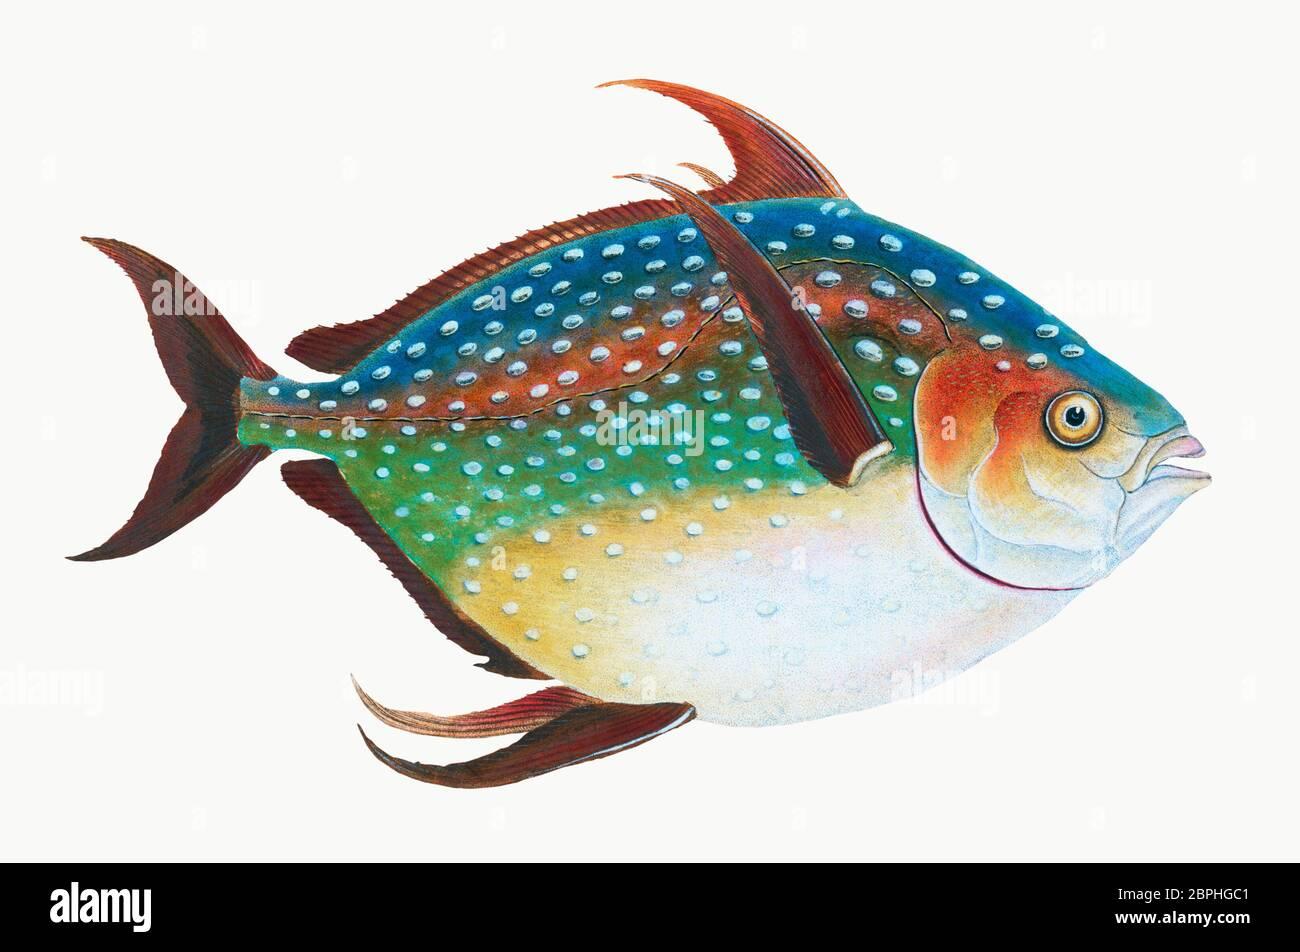 Opah (Lampris guttatus) Illustration aus der Naturgeschichte britischer Fische (1802) von Edward Donovan (1768-1837).jpg - 2BPHGC1 Stockfoto